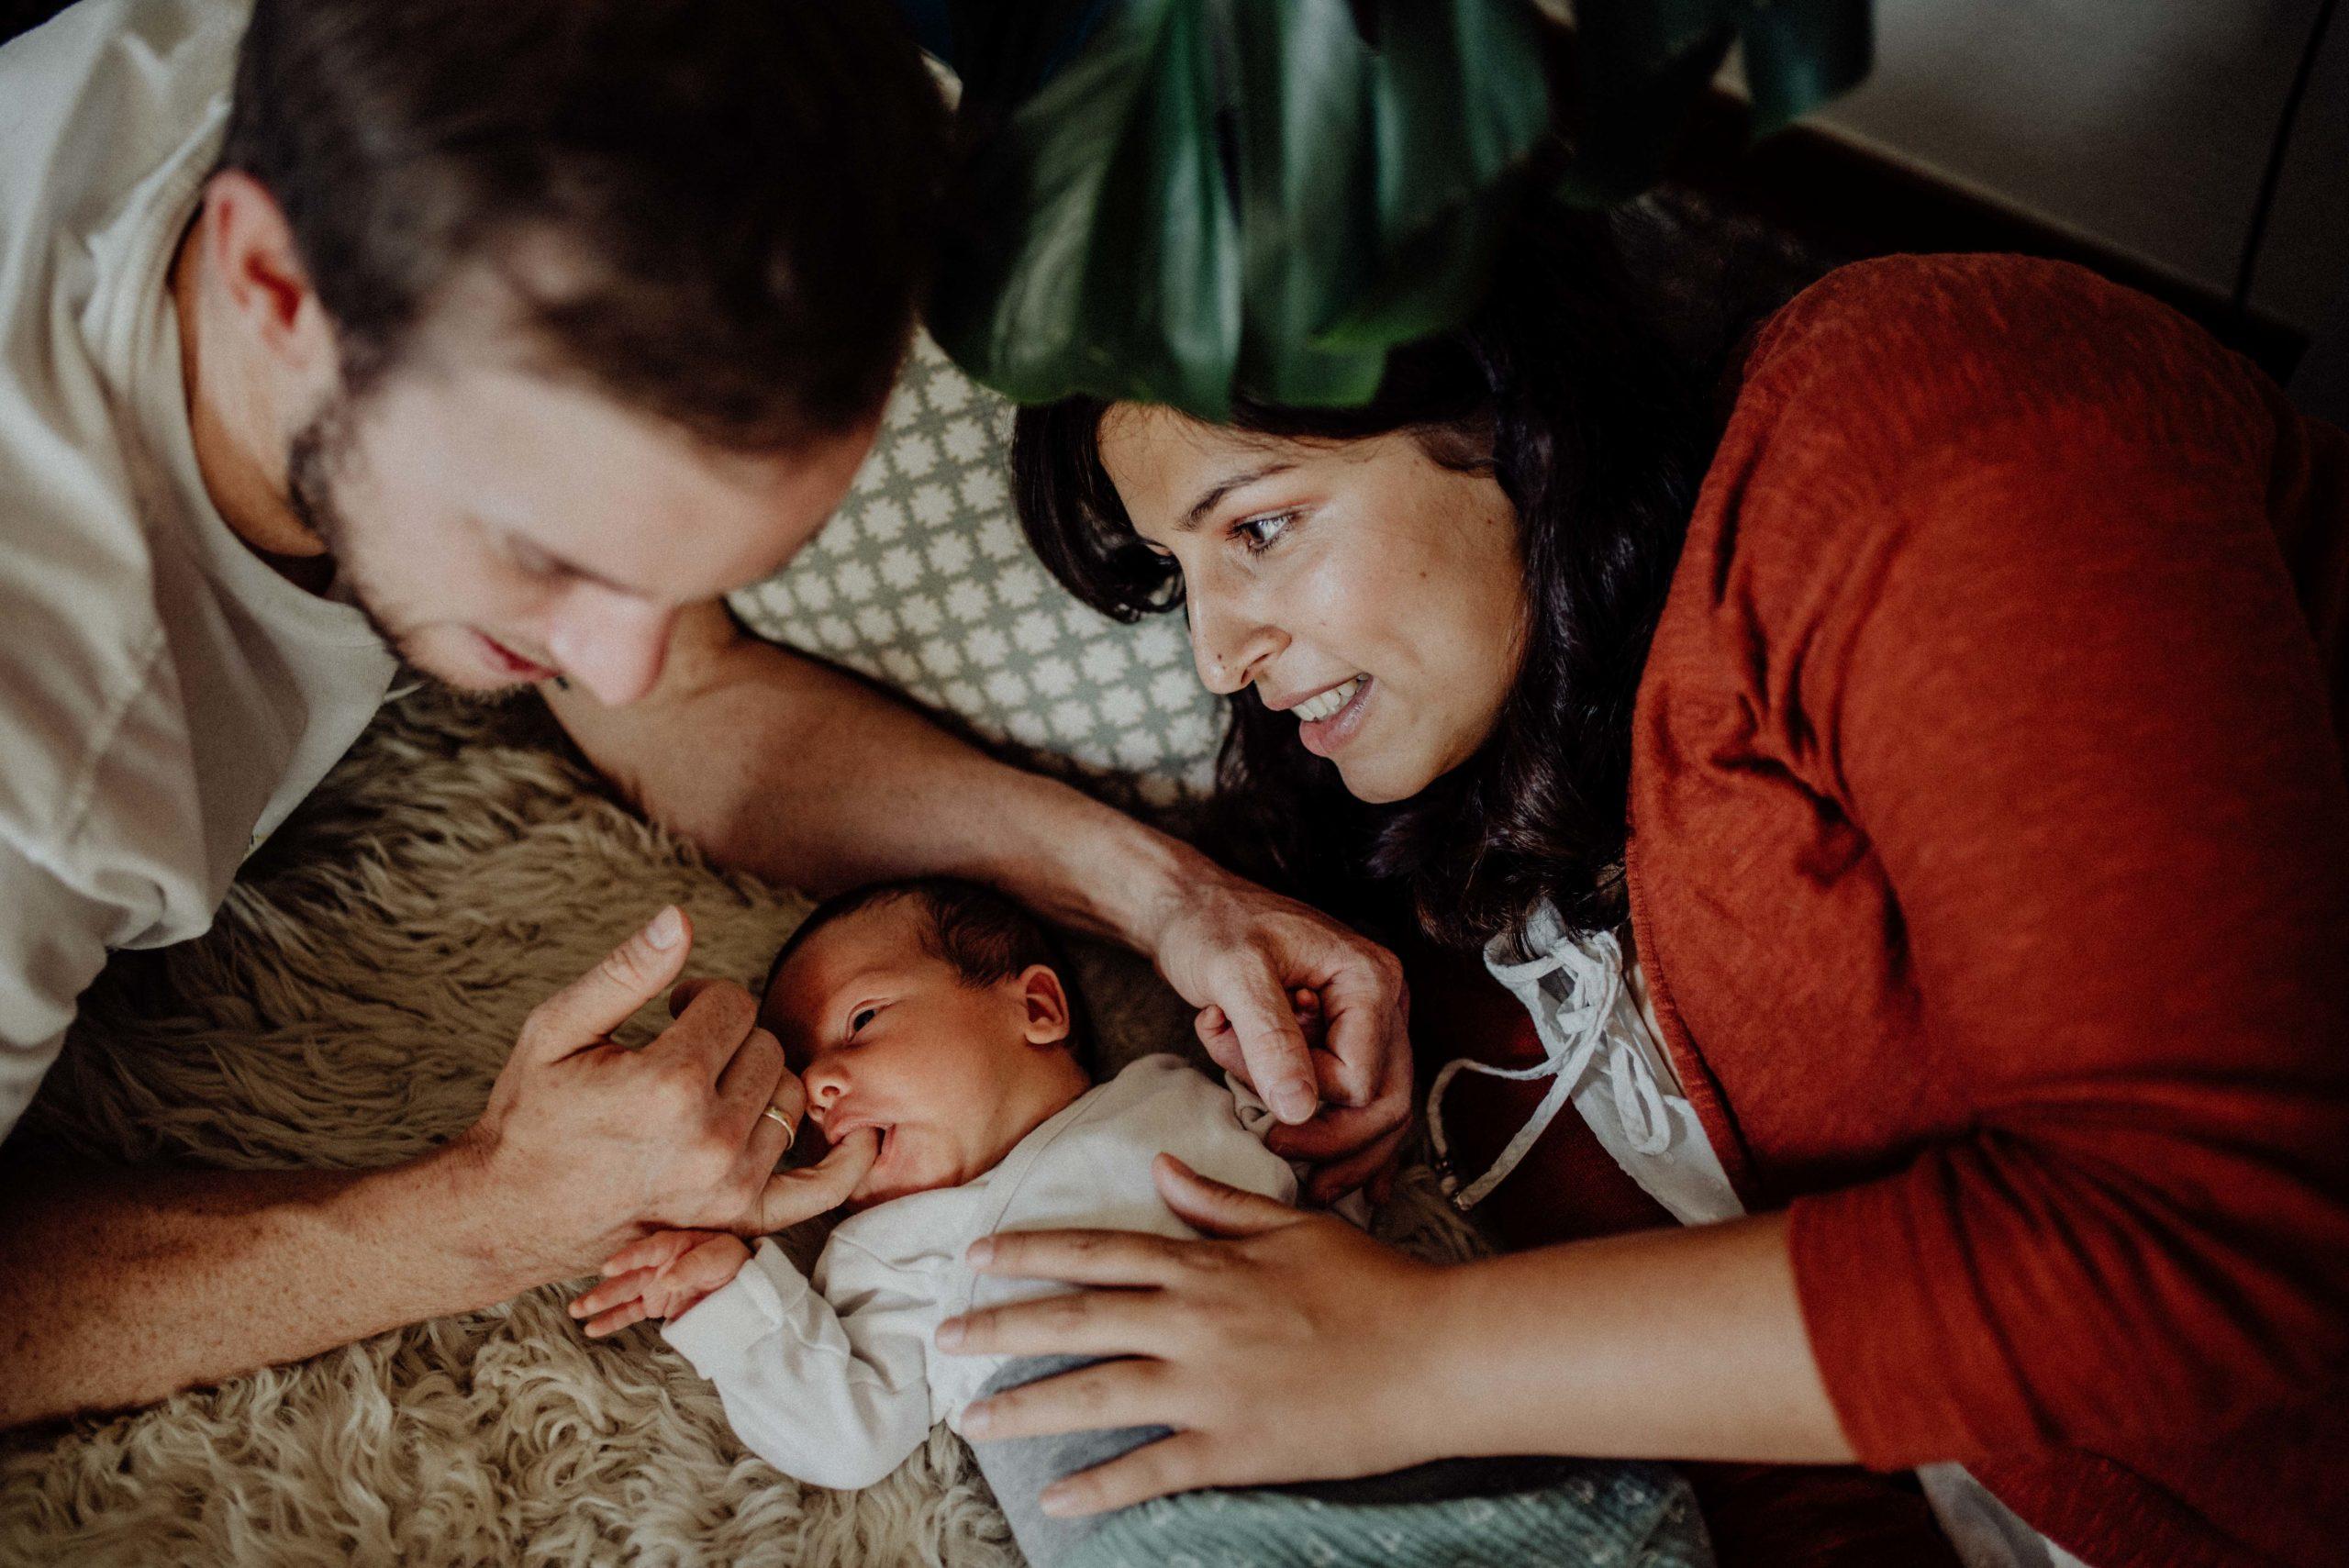 014-Witten-Homestory-Homesession-Newborn-Baby-Fotoshooting